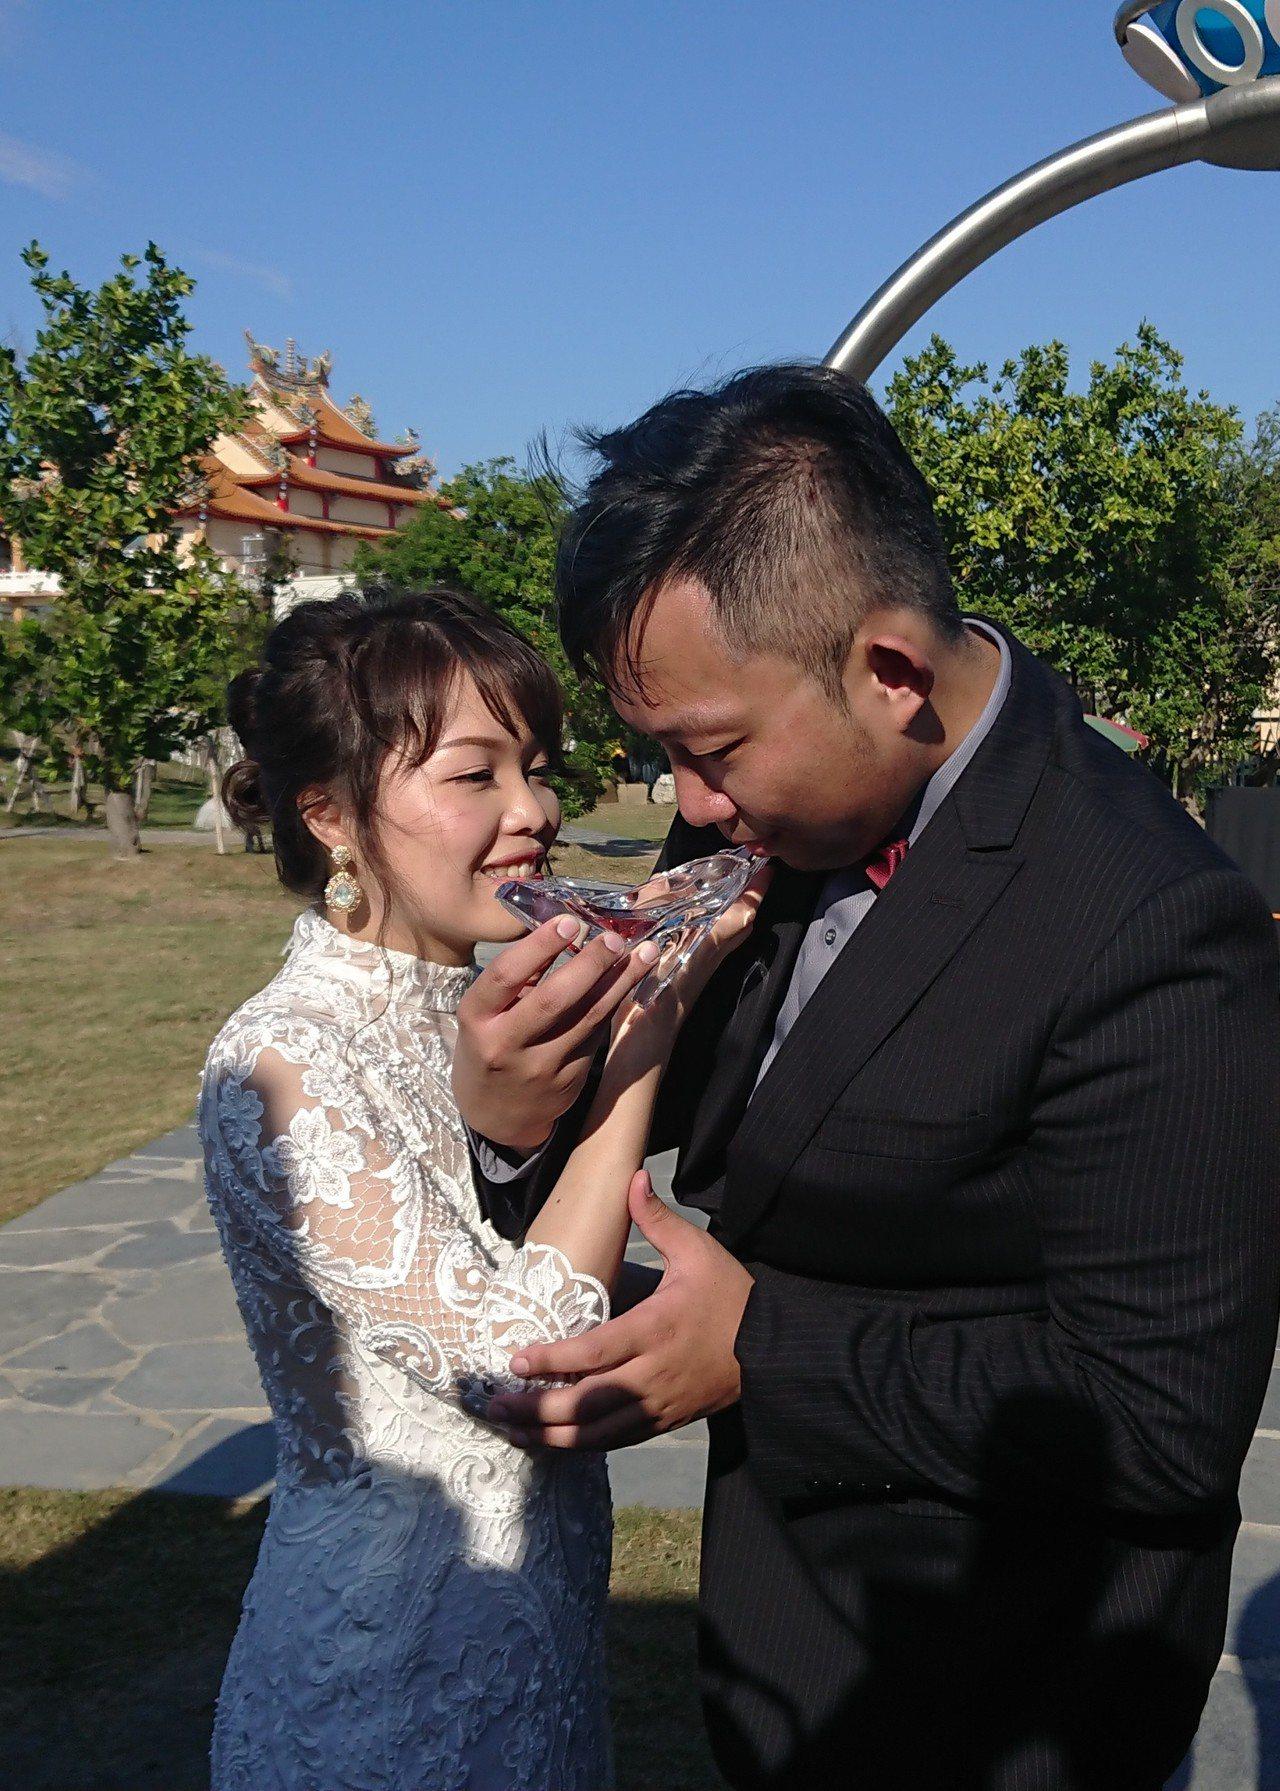 新郎與新娘共飲高跟鞋交杯酒。記者卜敏正/攝影